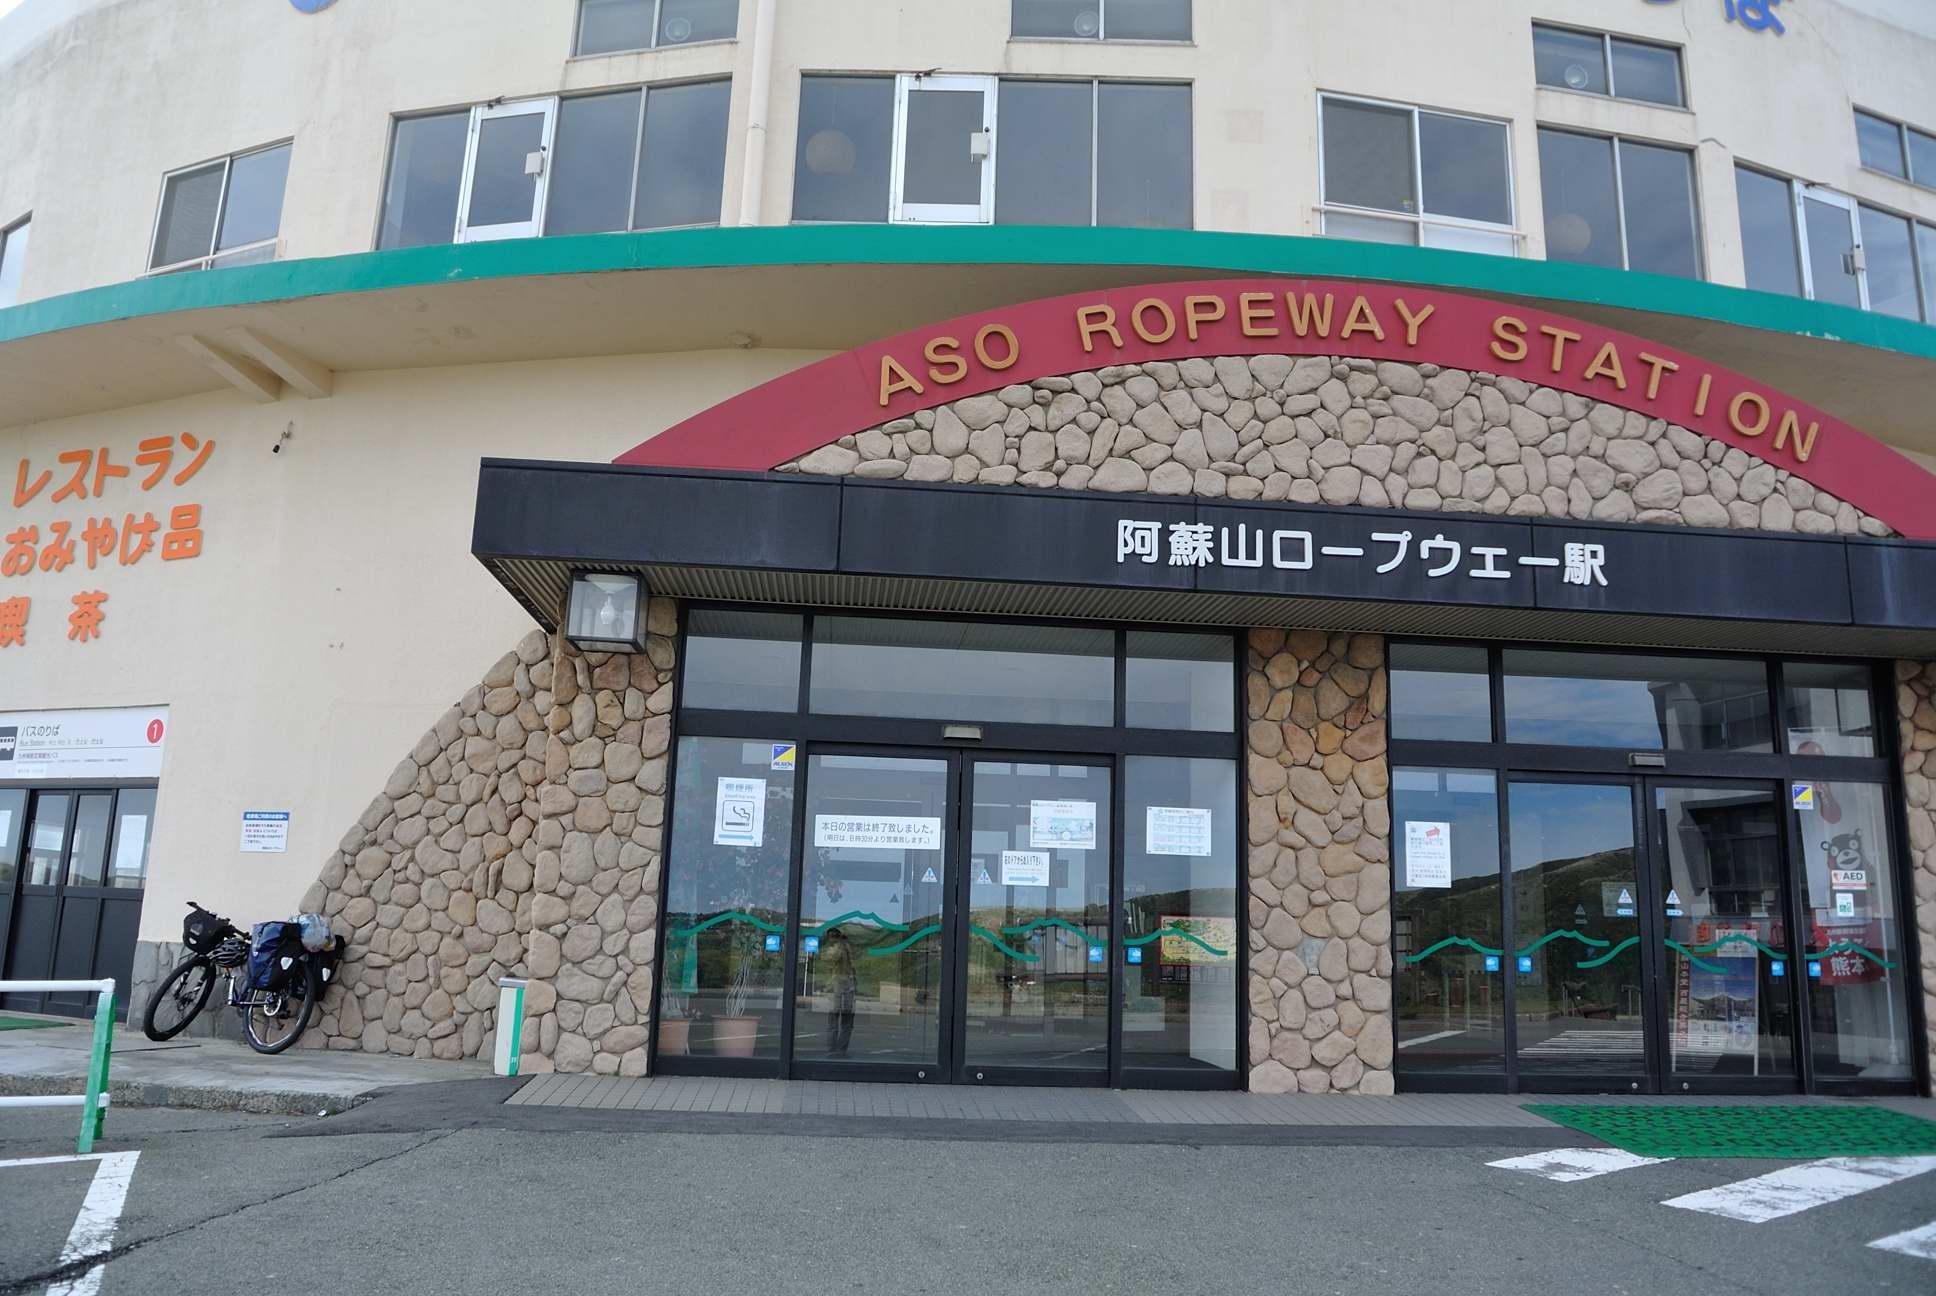 阿蘇山ロープウェイ乗り場